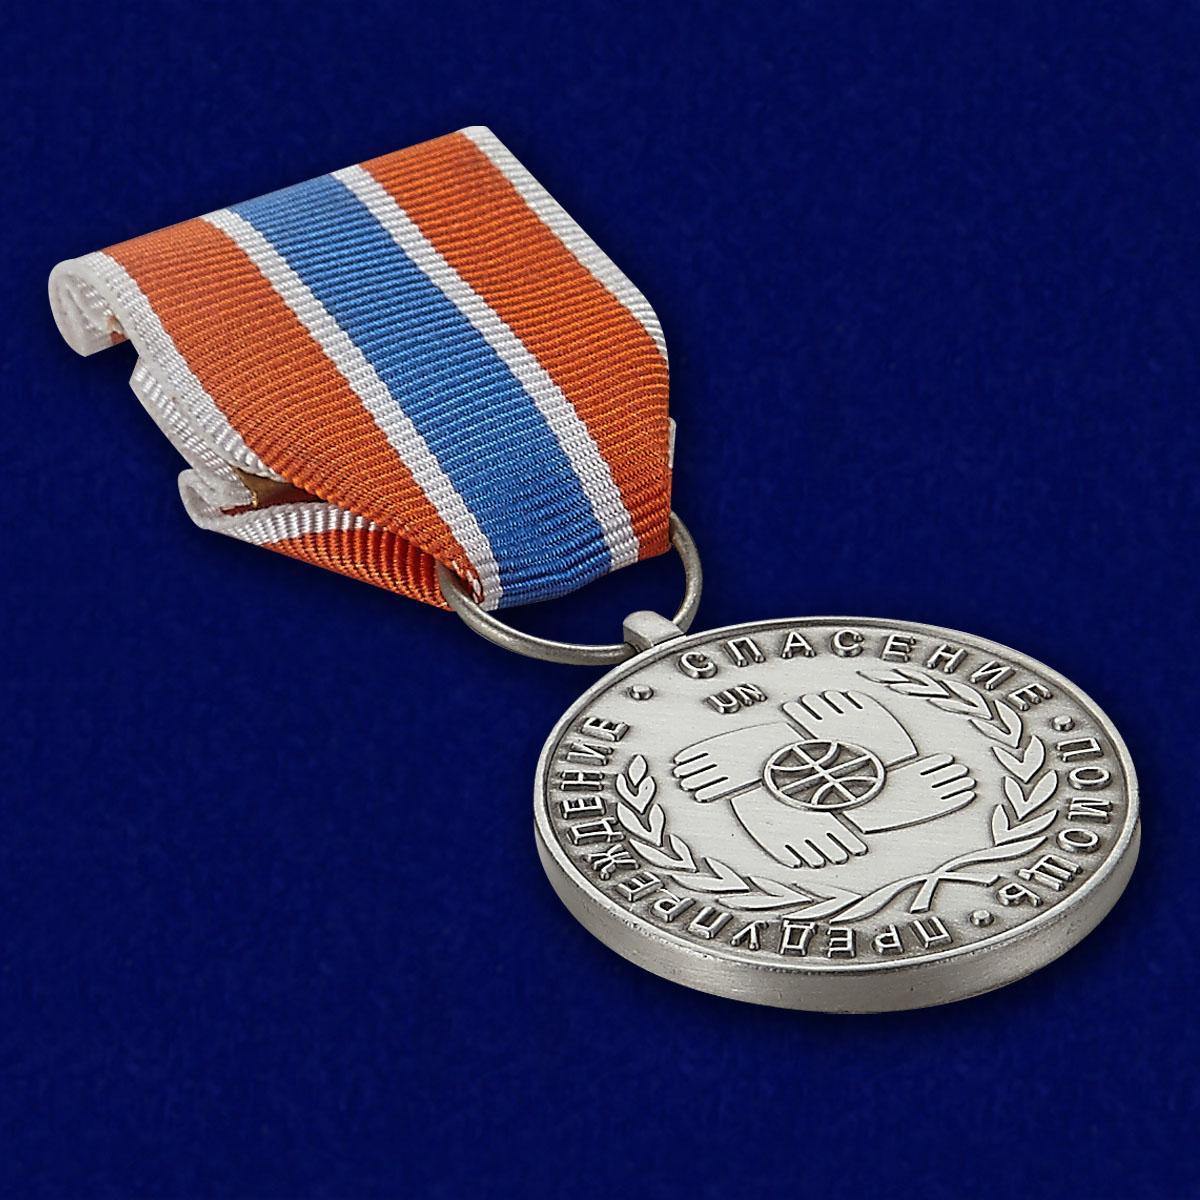 Медаль Участнику чрезвычайных гуманитарных операций МЧС - вид под углом